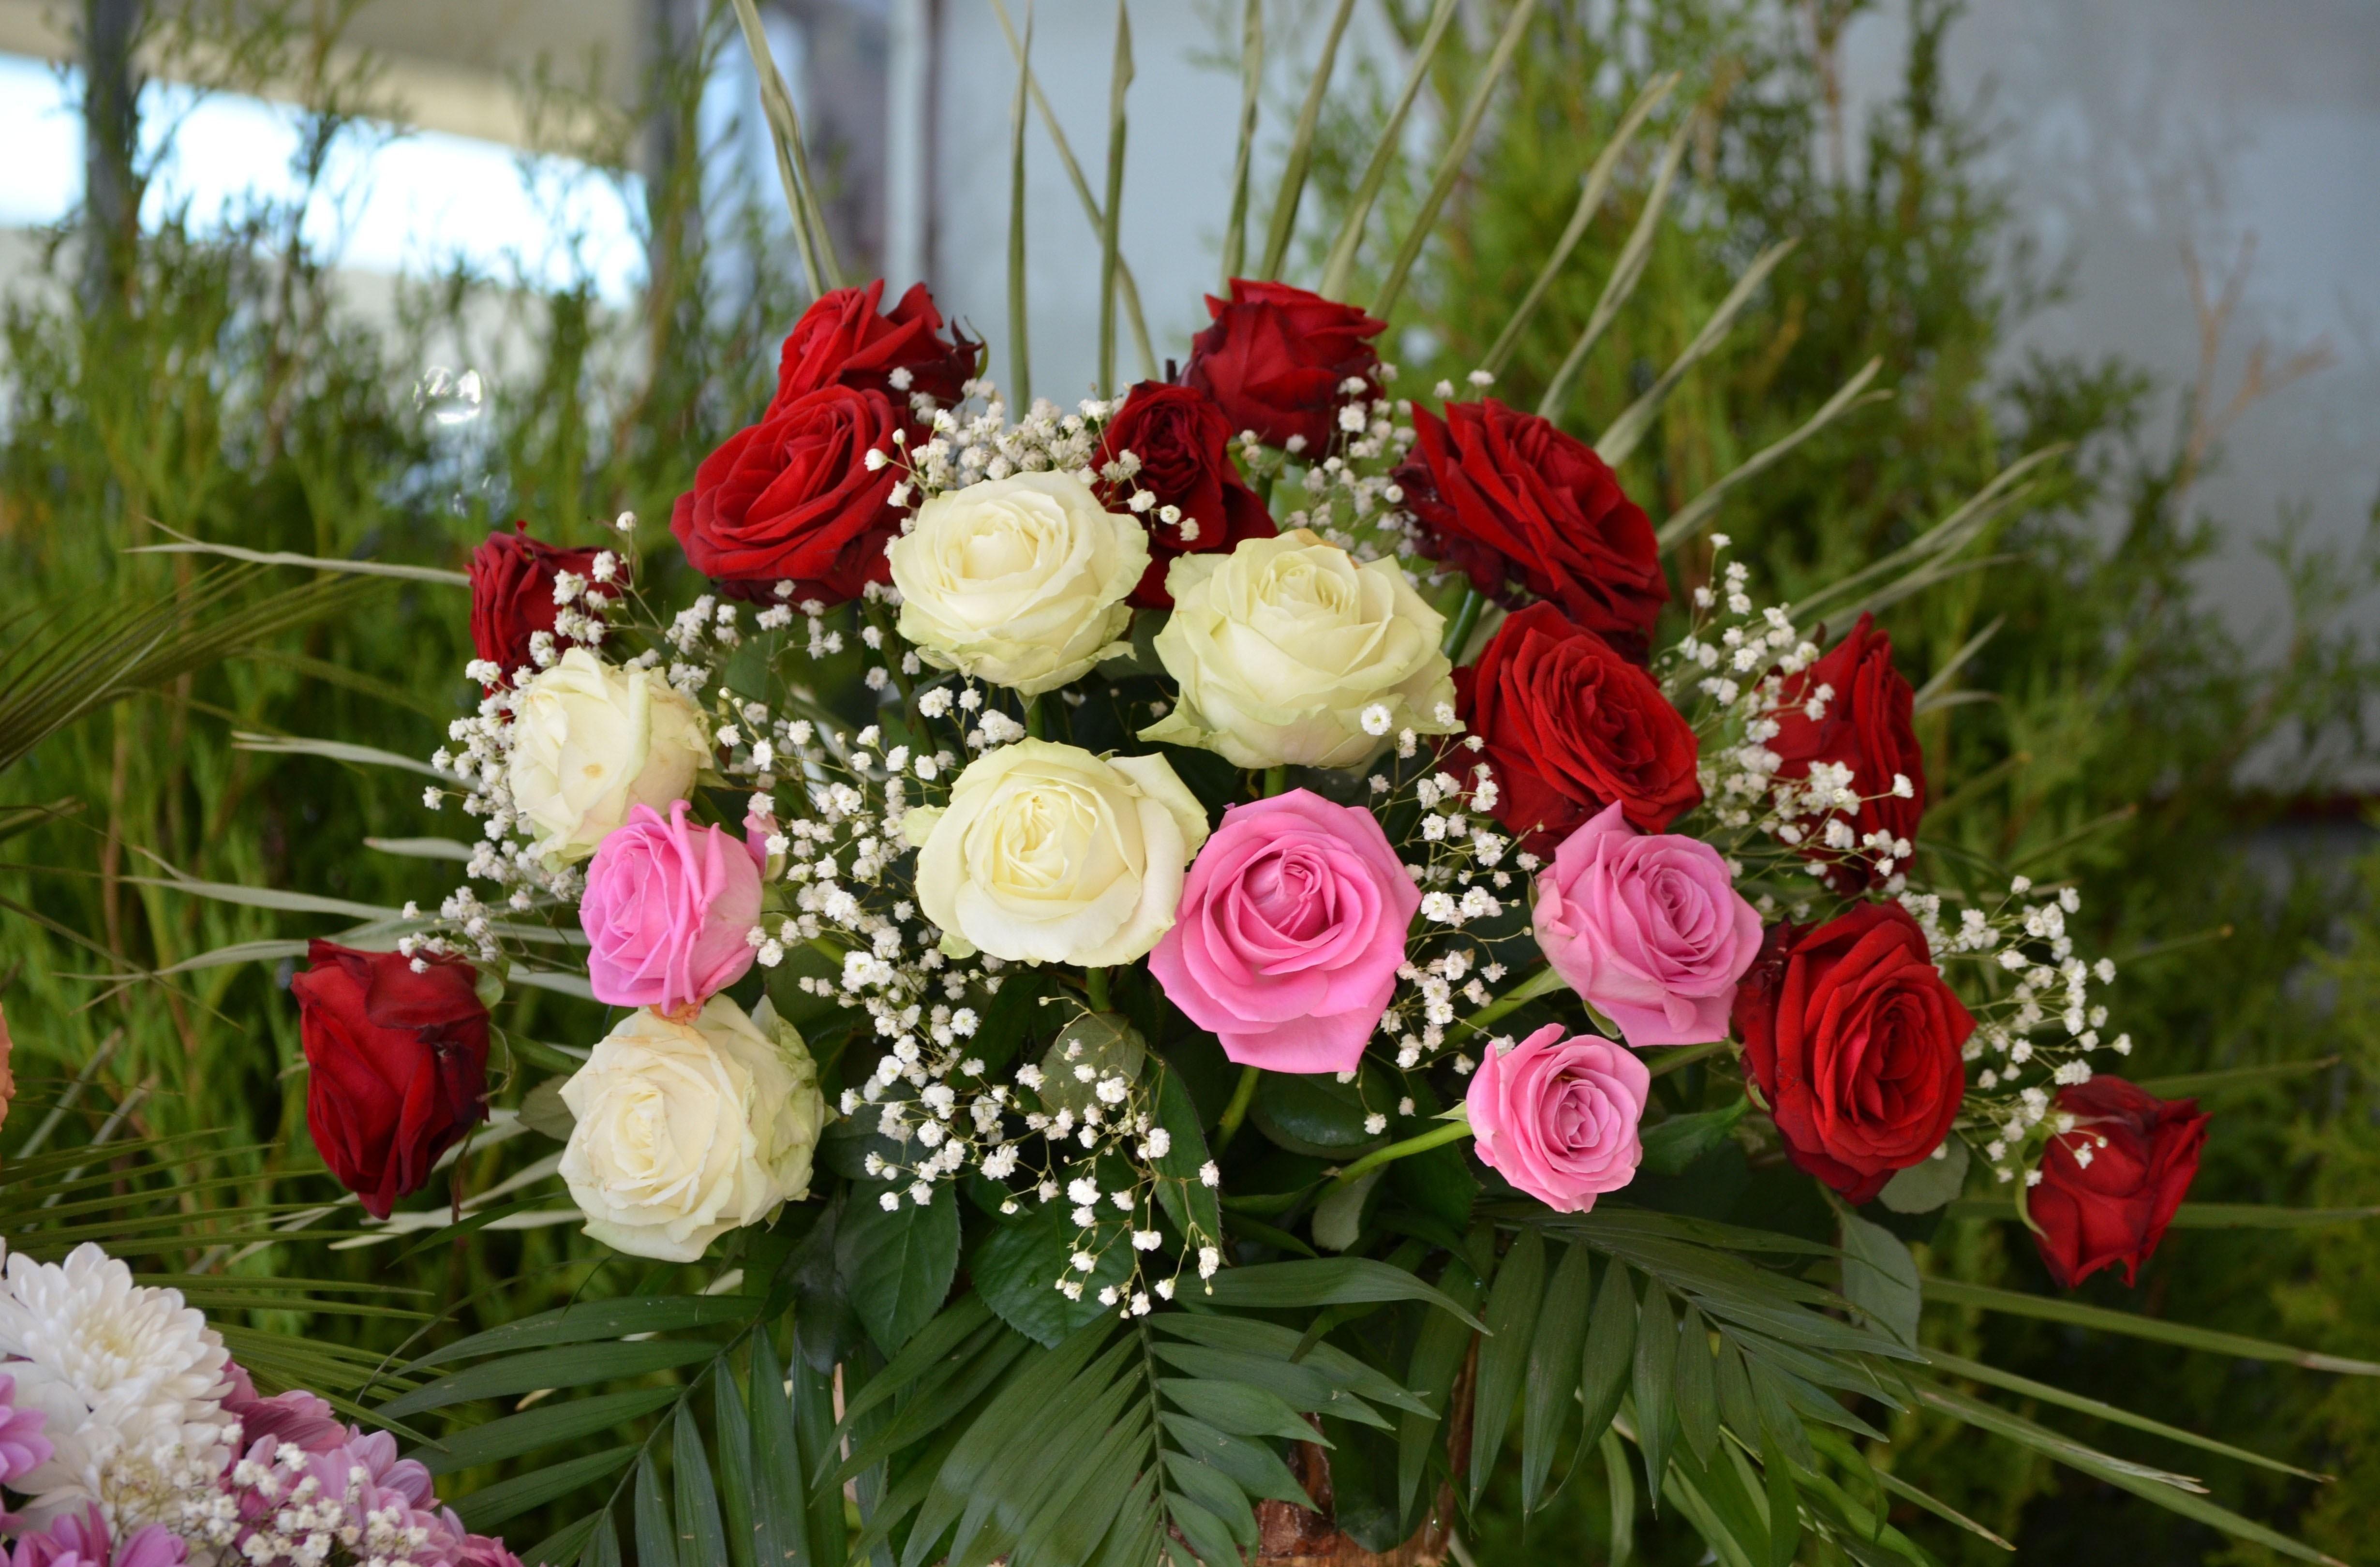 59713 скачать обои Букет, Розы, Цветы, Оформление, Красота, Гипсофил - заставки и картинки бесплатно